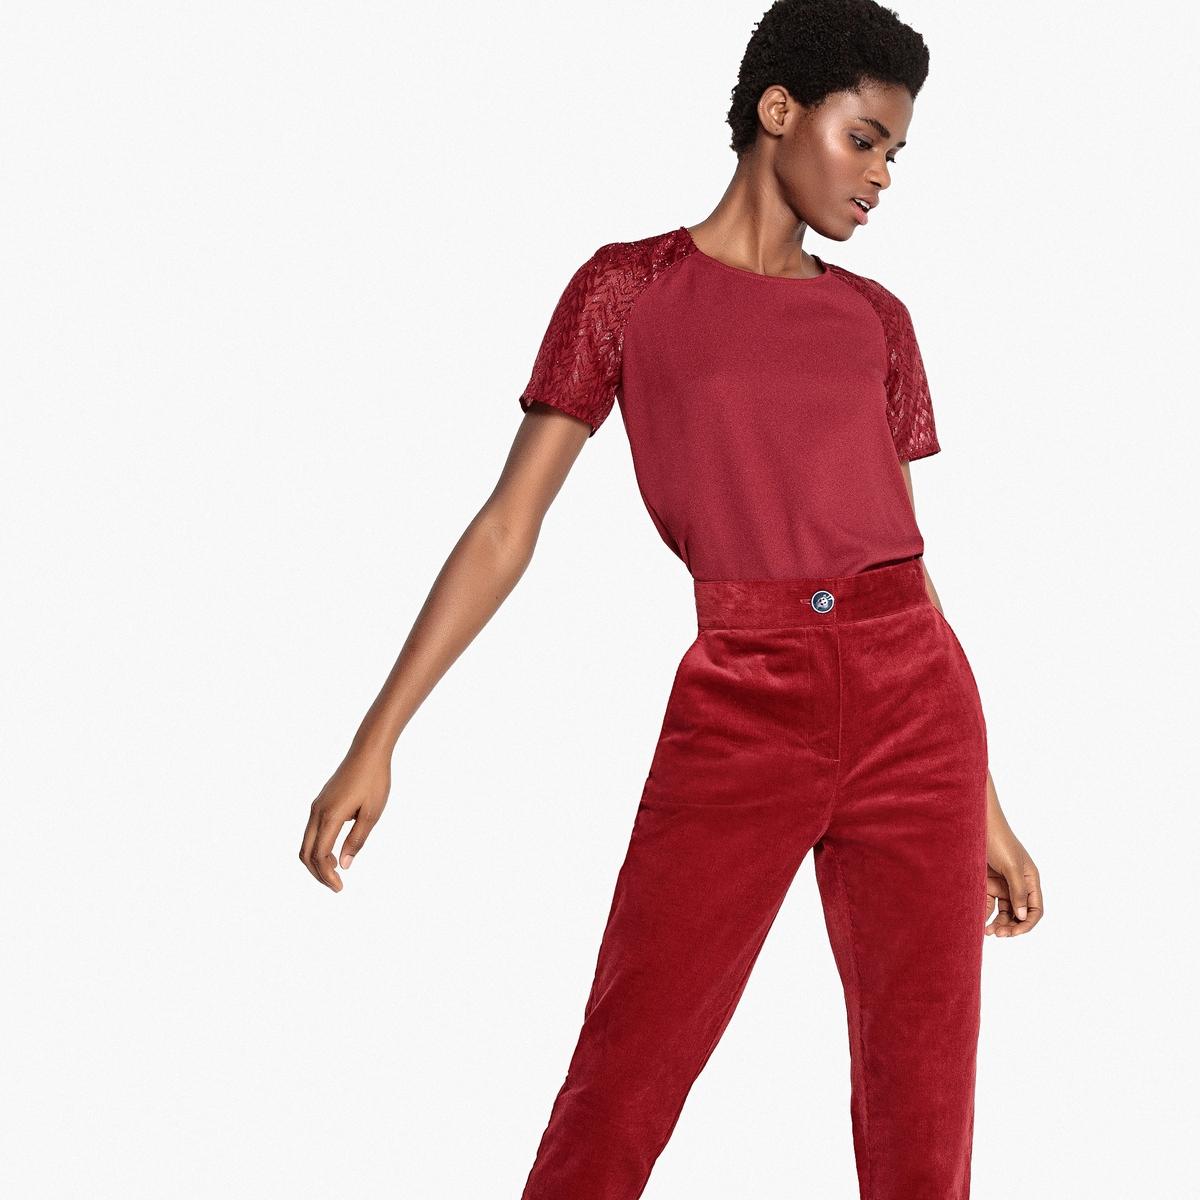 Блузка La Redoute С круглым вырезом глубоким вырезом сзади и короткими рукавами 34 (FR) - 40 (RUS) красный блузка la redoute с круглым вырезом и широкими короткими рукавами 34 fr 40 rus черный